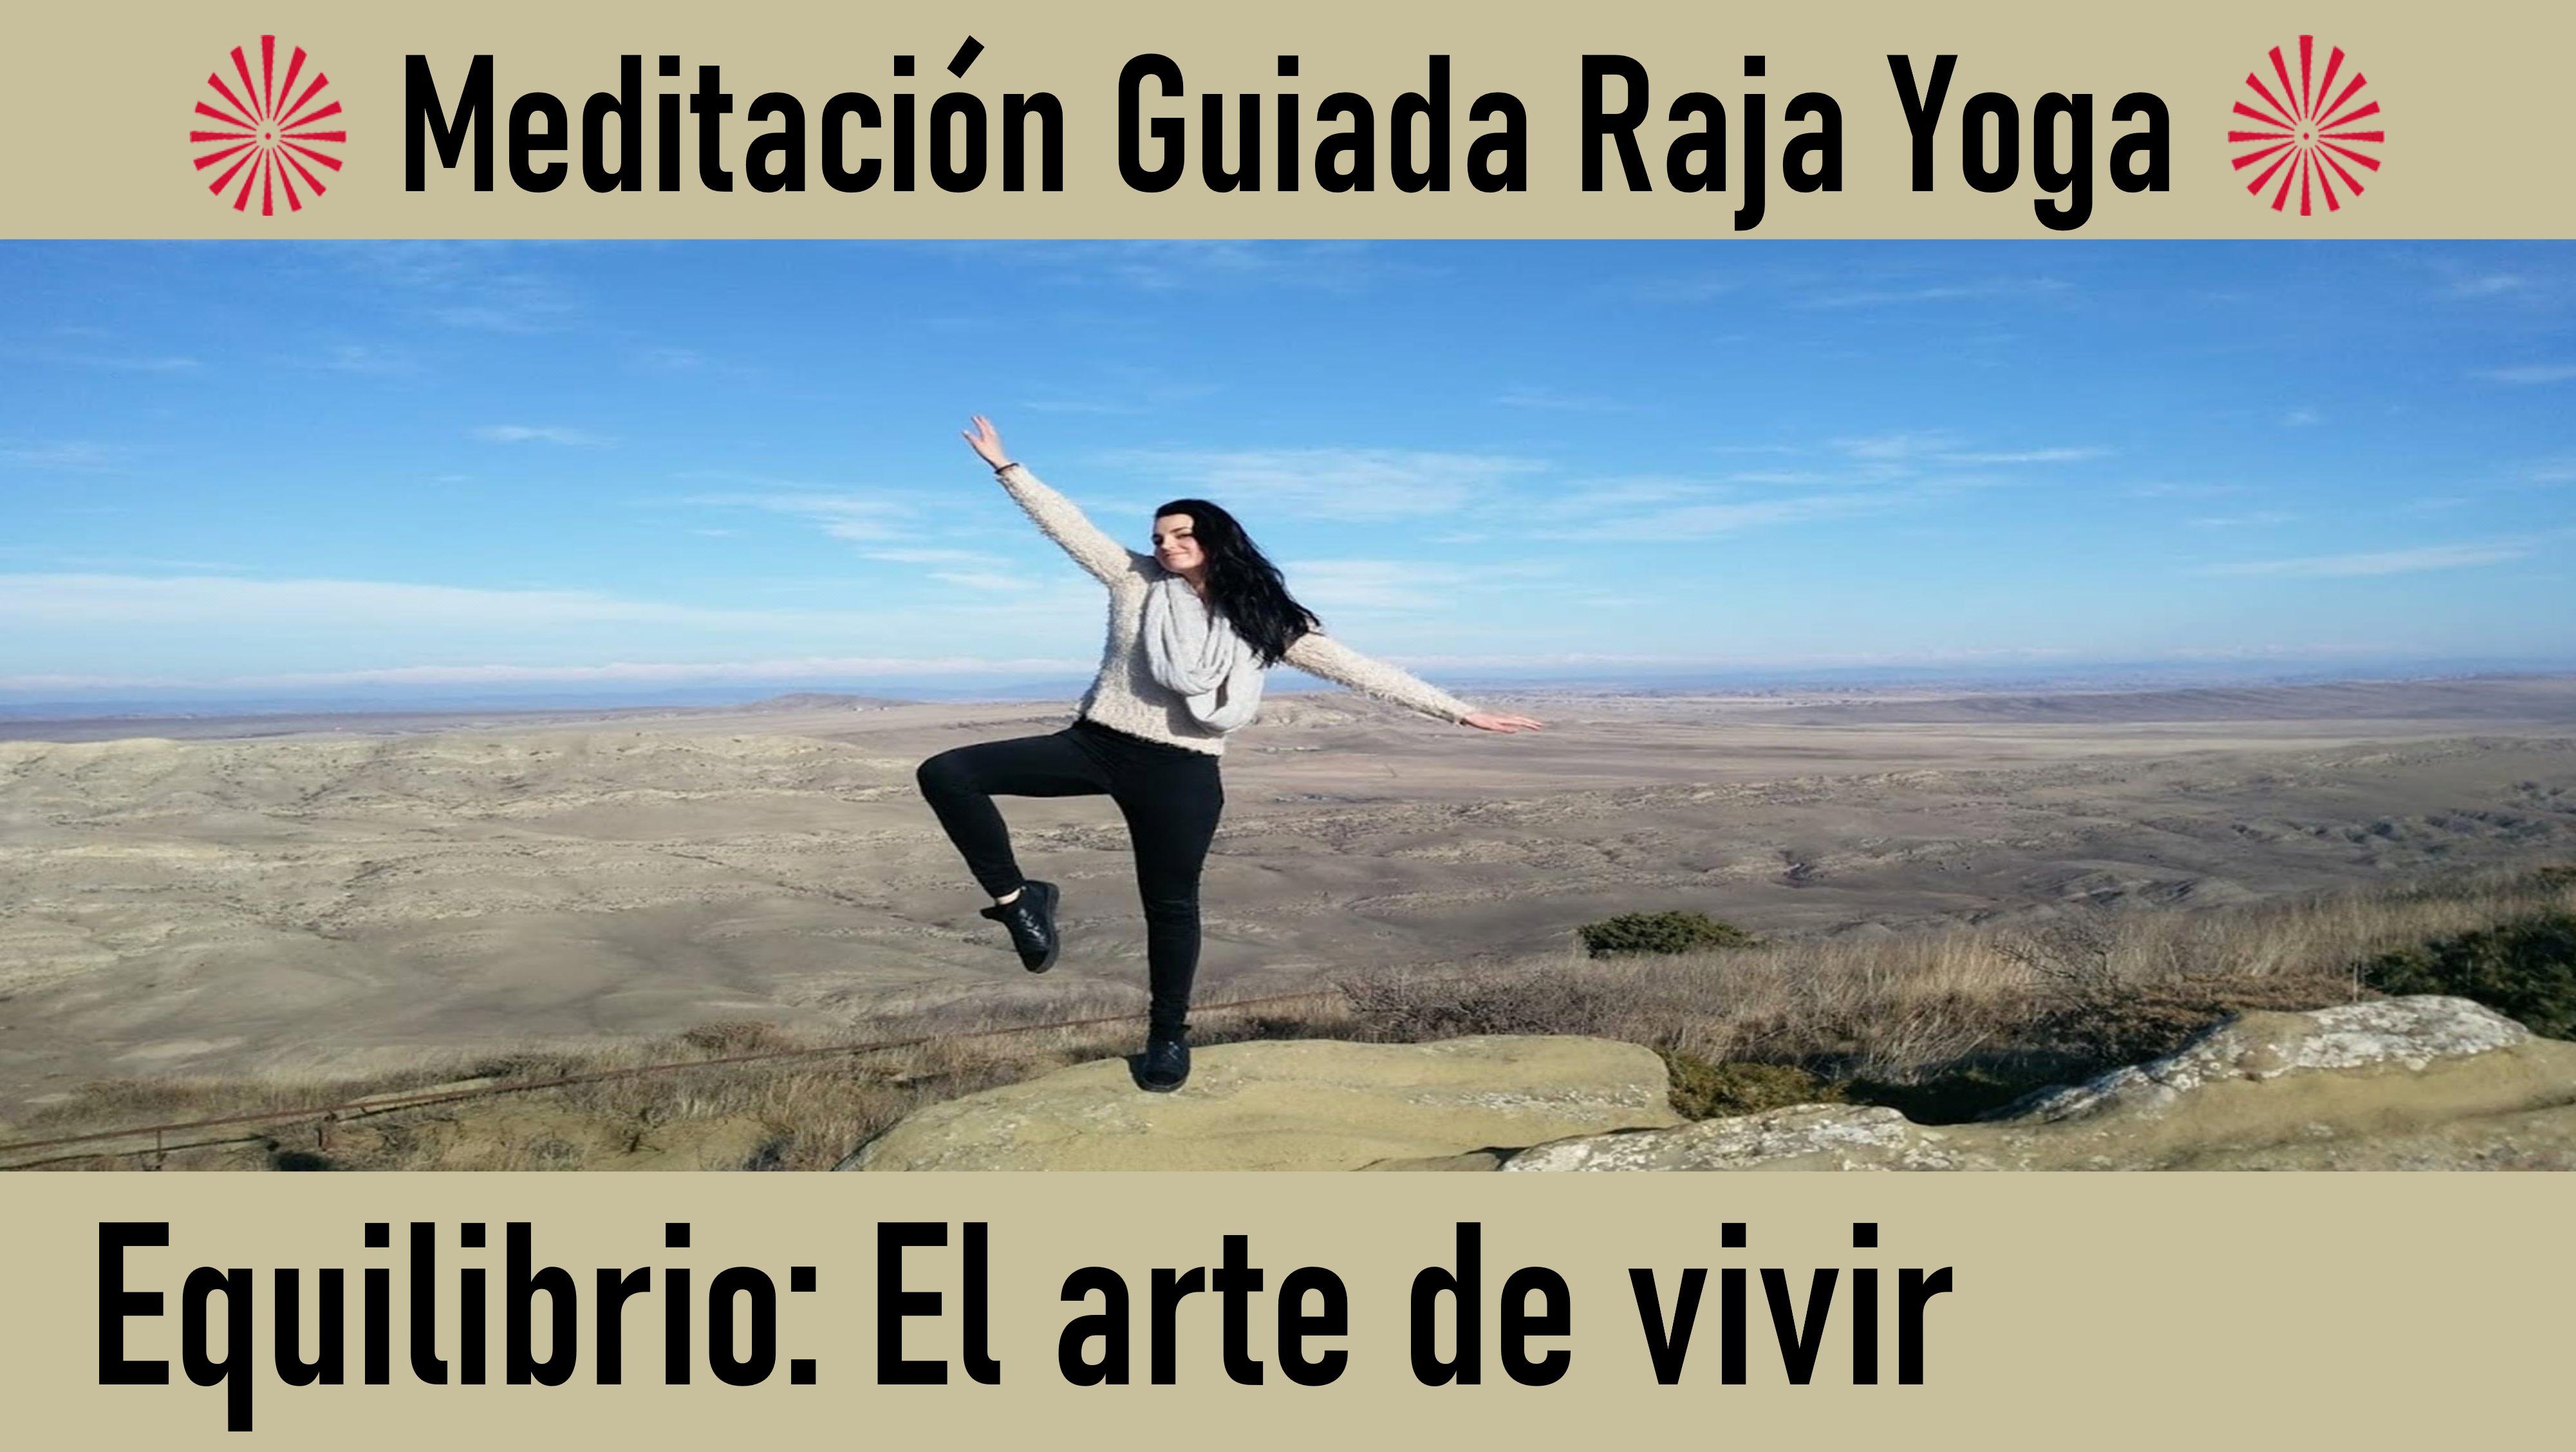 Meditación Raja Yoga: Equilibrio  El arte de vivir (3 Junio 2020) On-line desde Sevilla